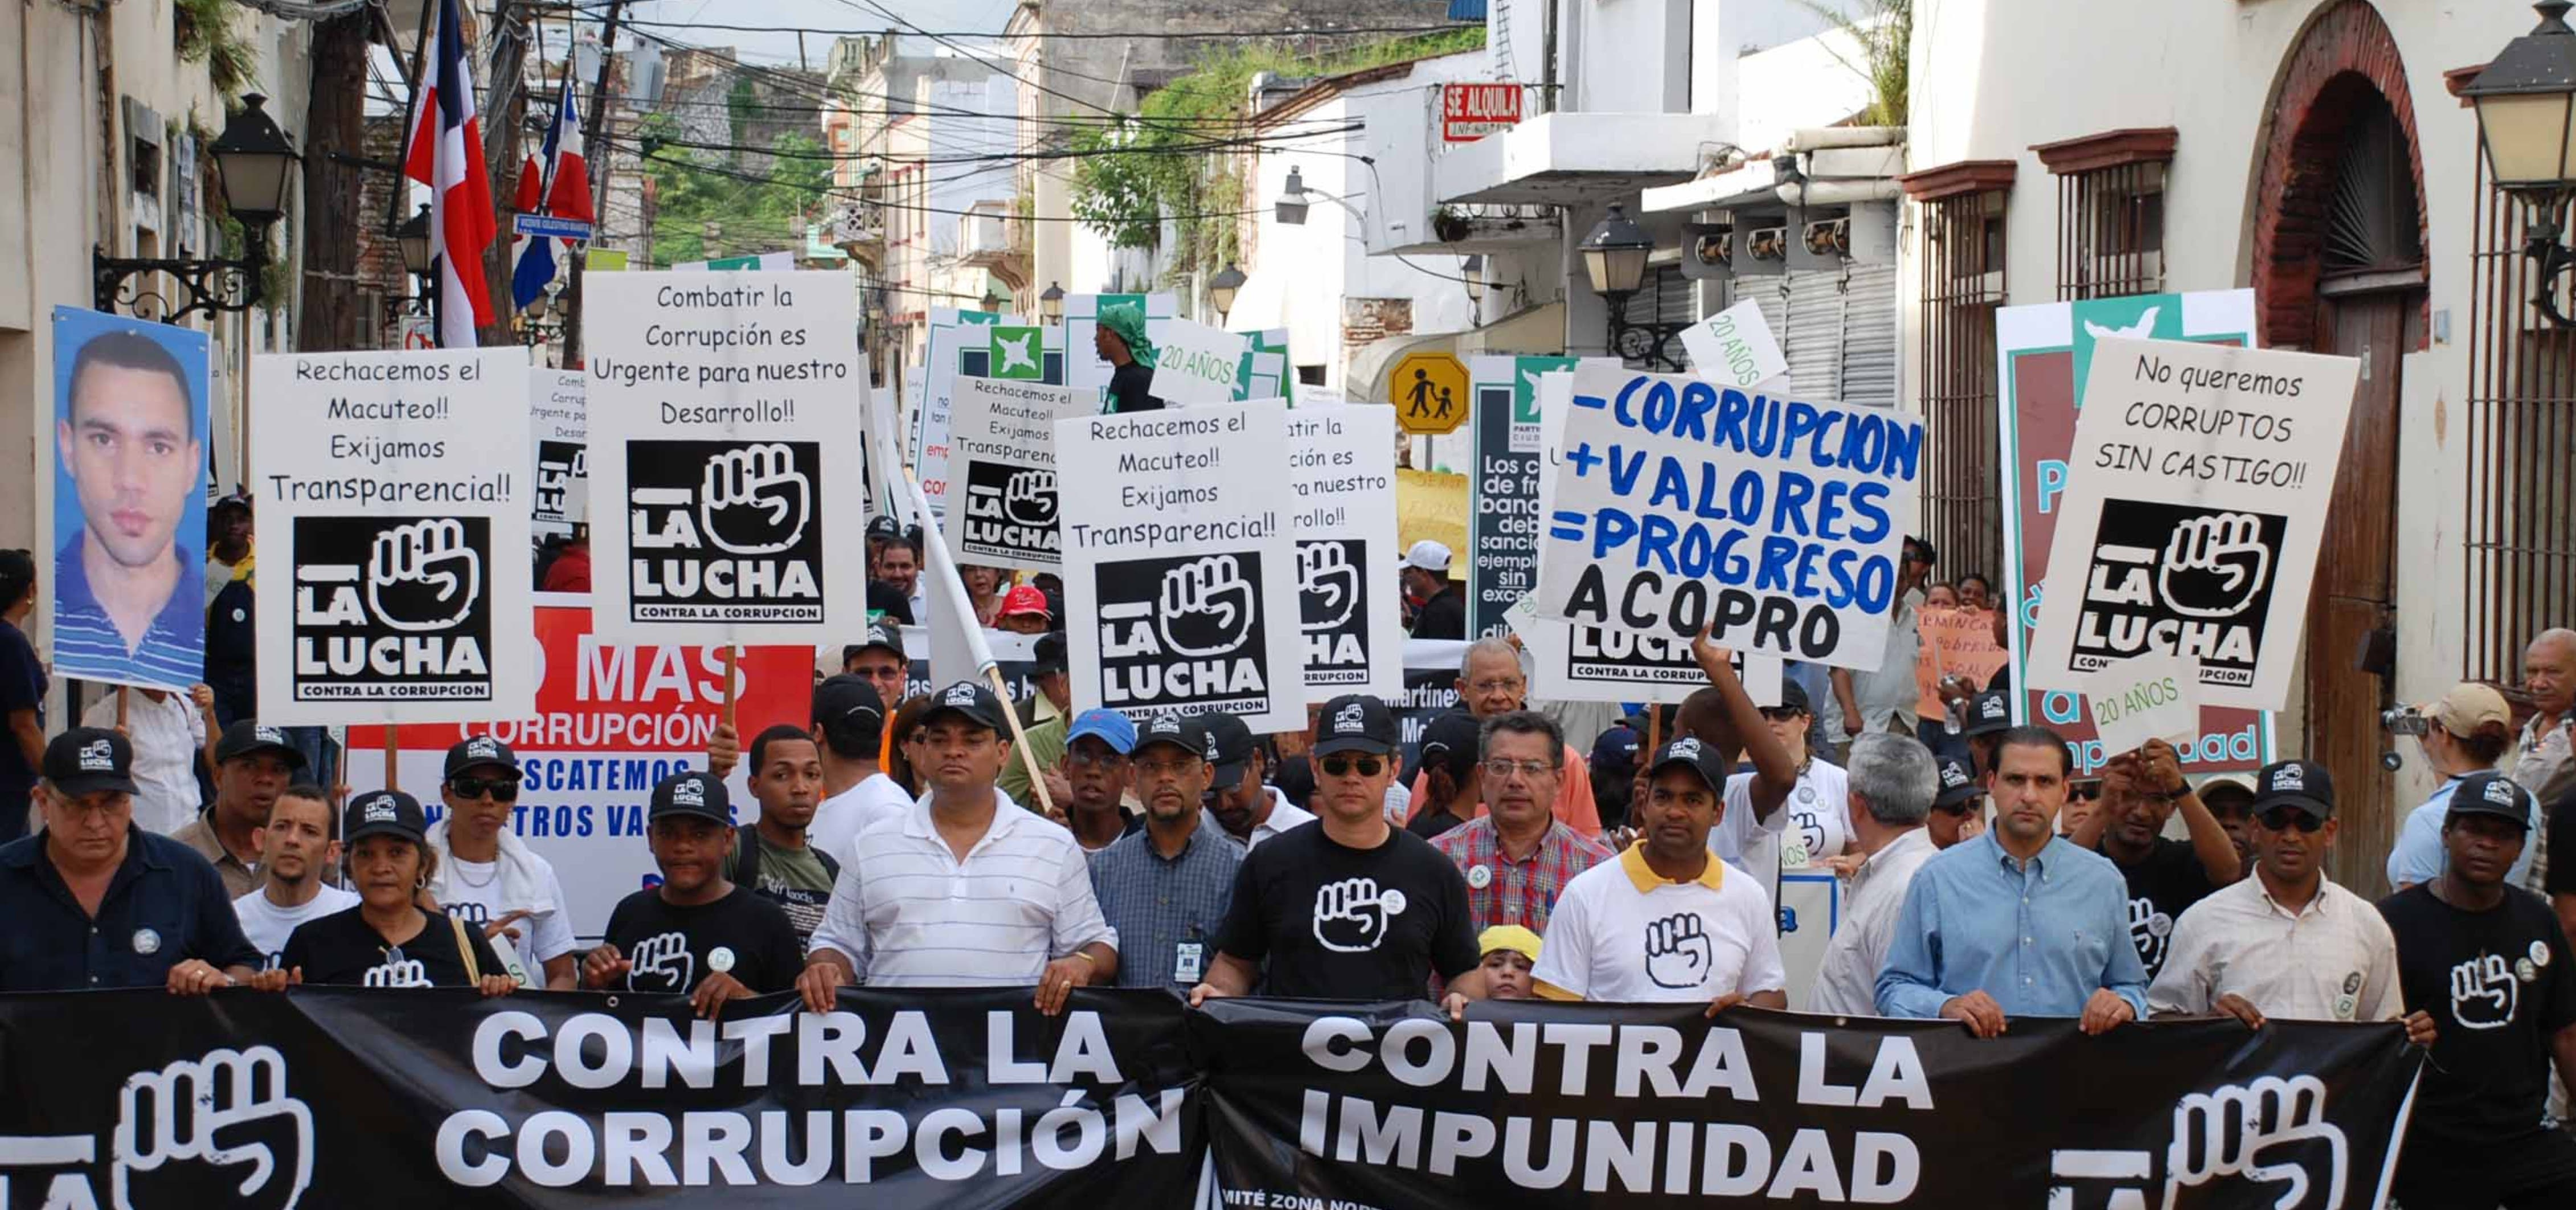 La sociedad civil decide impulsar un proceso electoral transparente